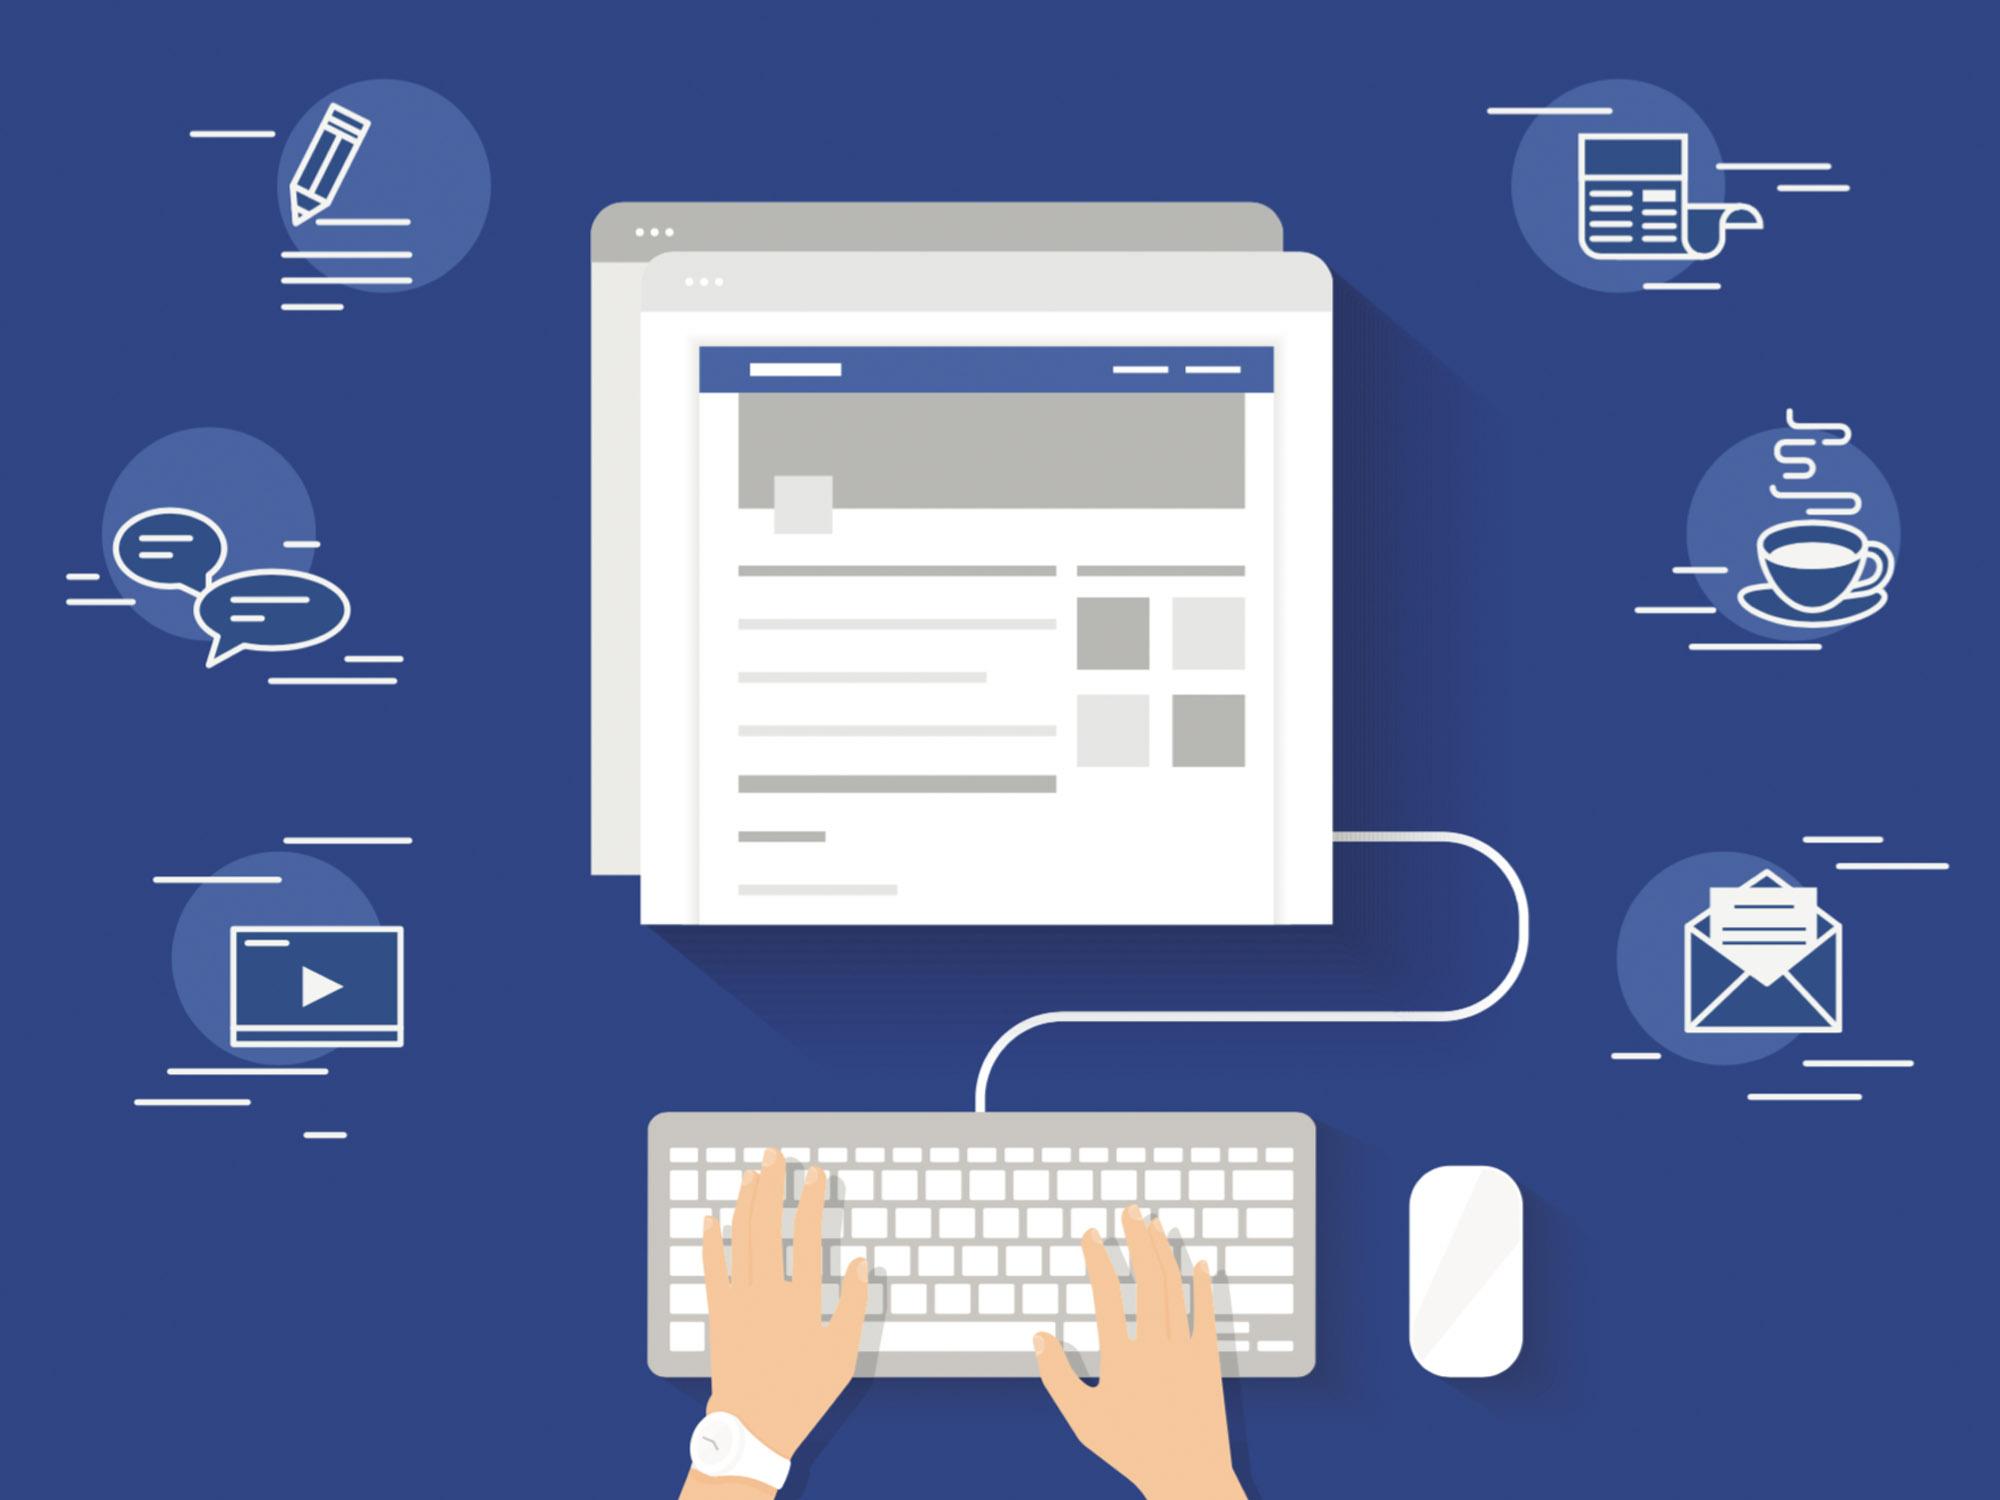 ShareThis Social A/B Testing